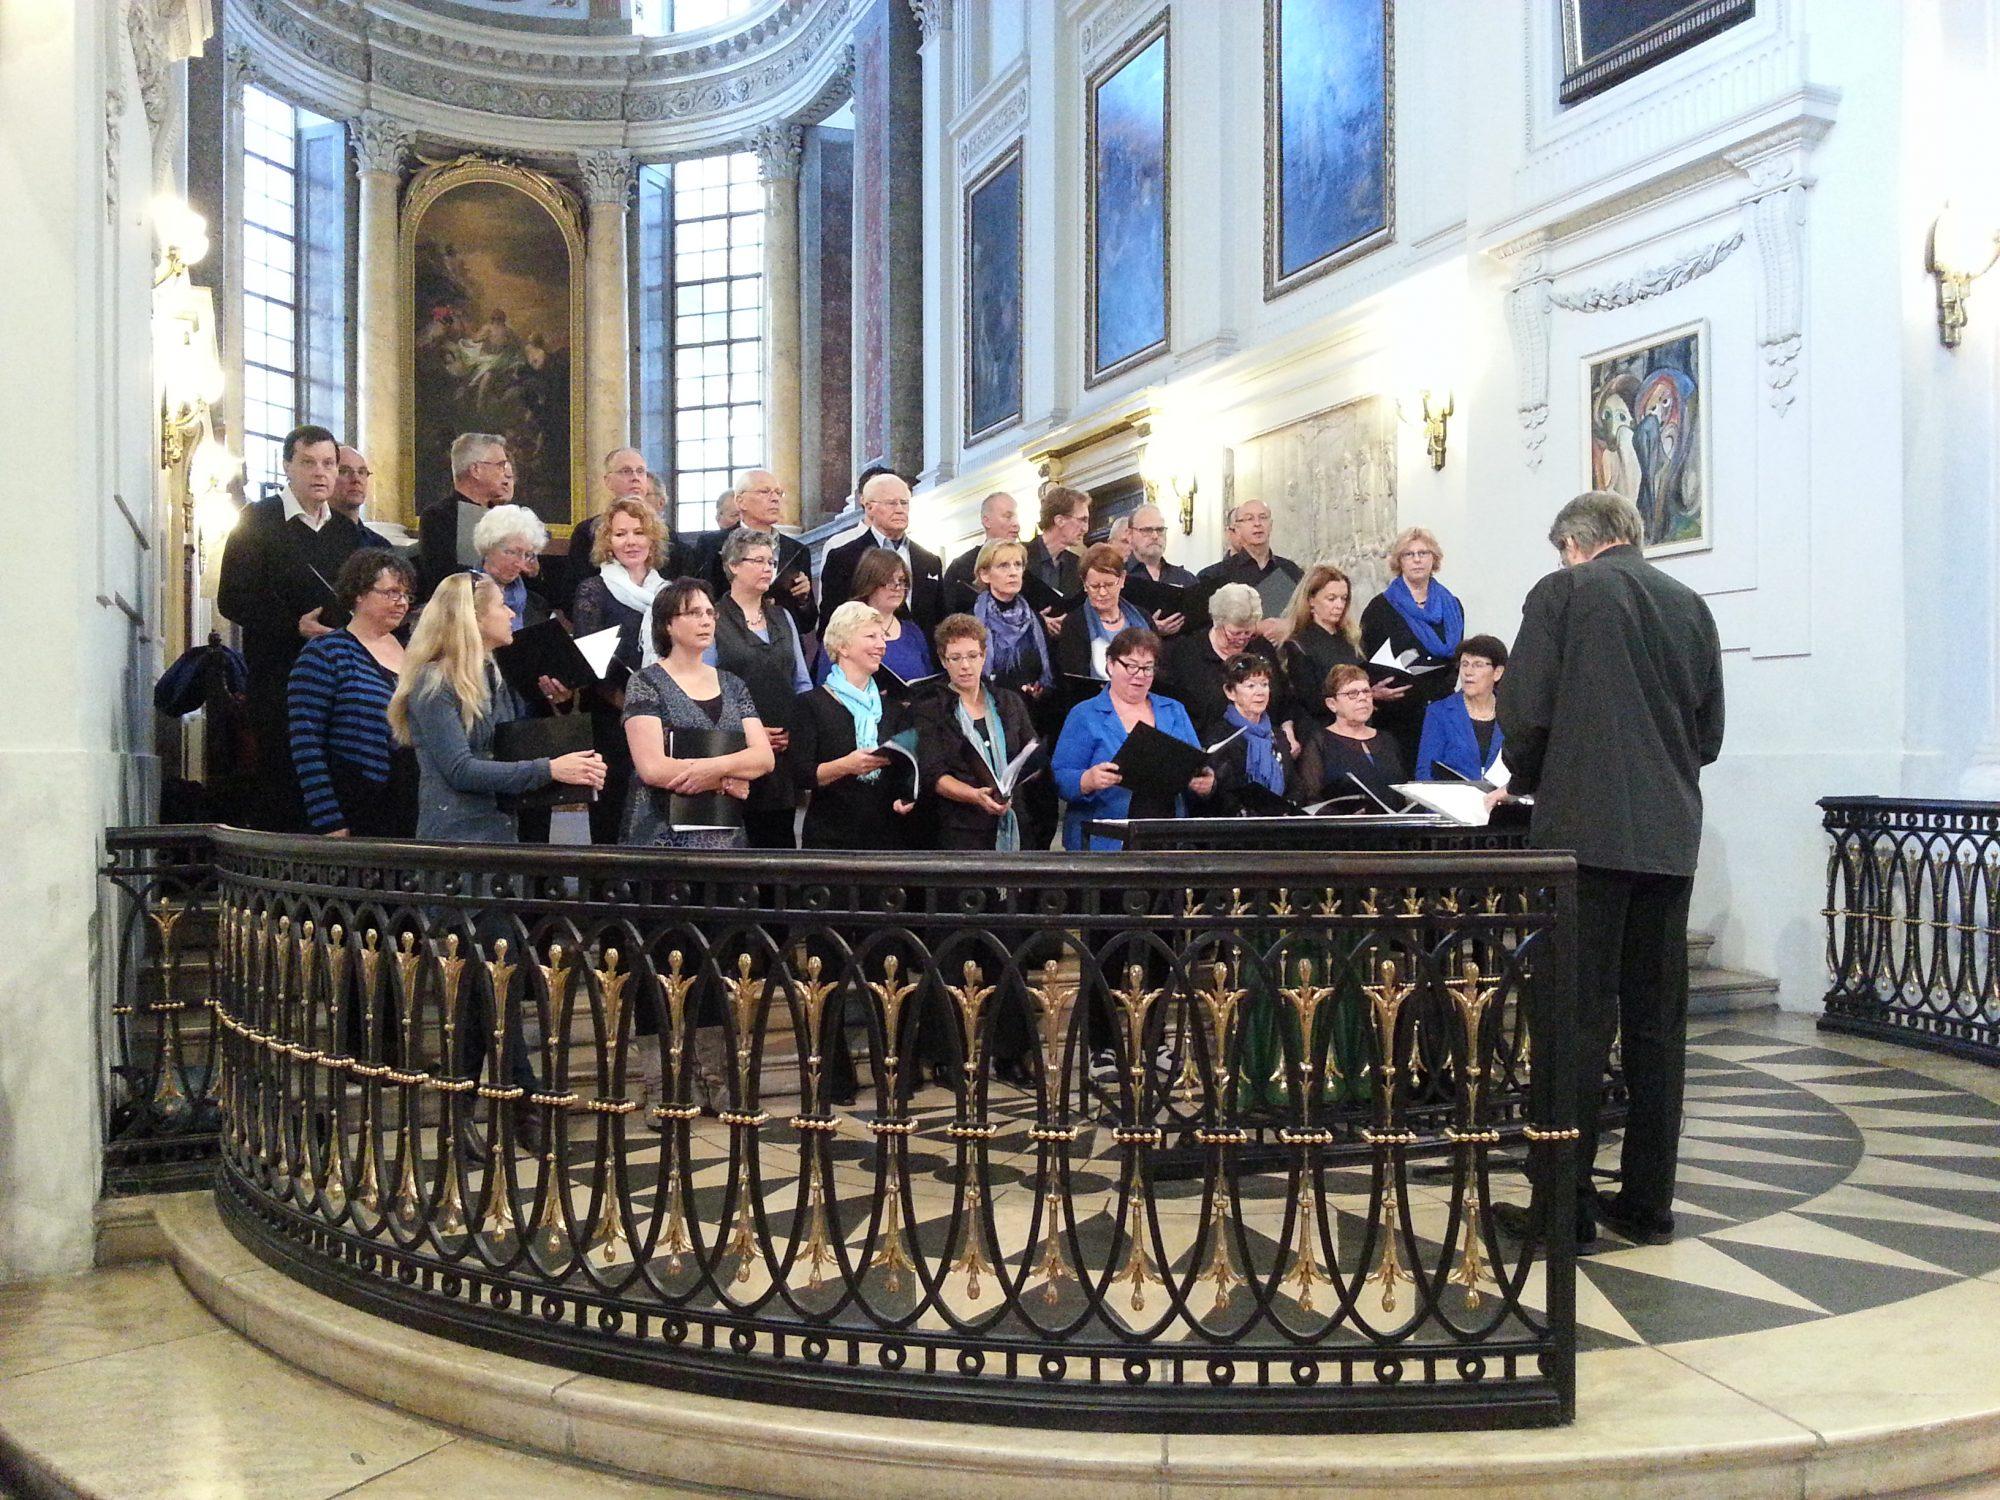 Bachreis oktober 2012: Het Bachkoor Brabant zingt in de Nicolaikirche te Leipzich